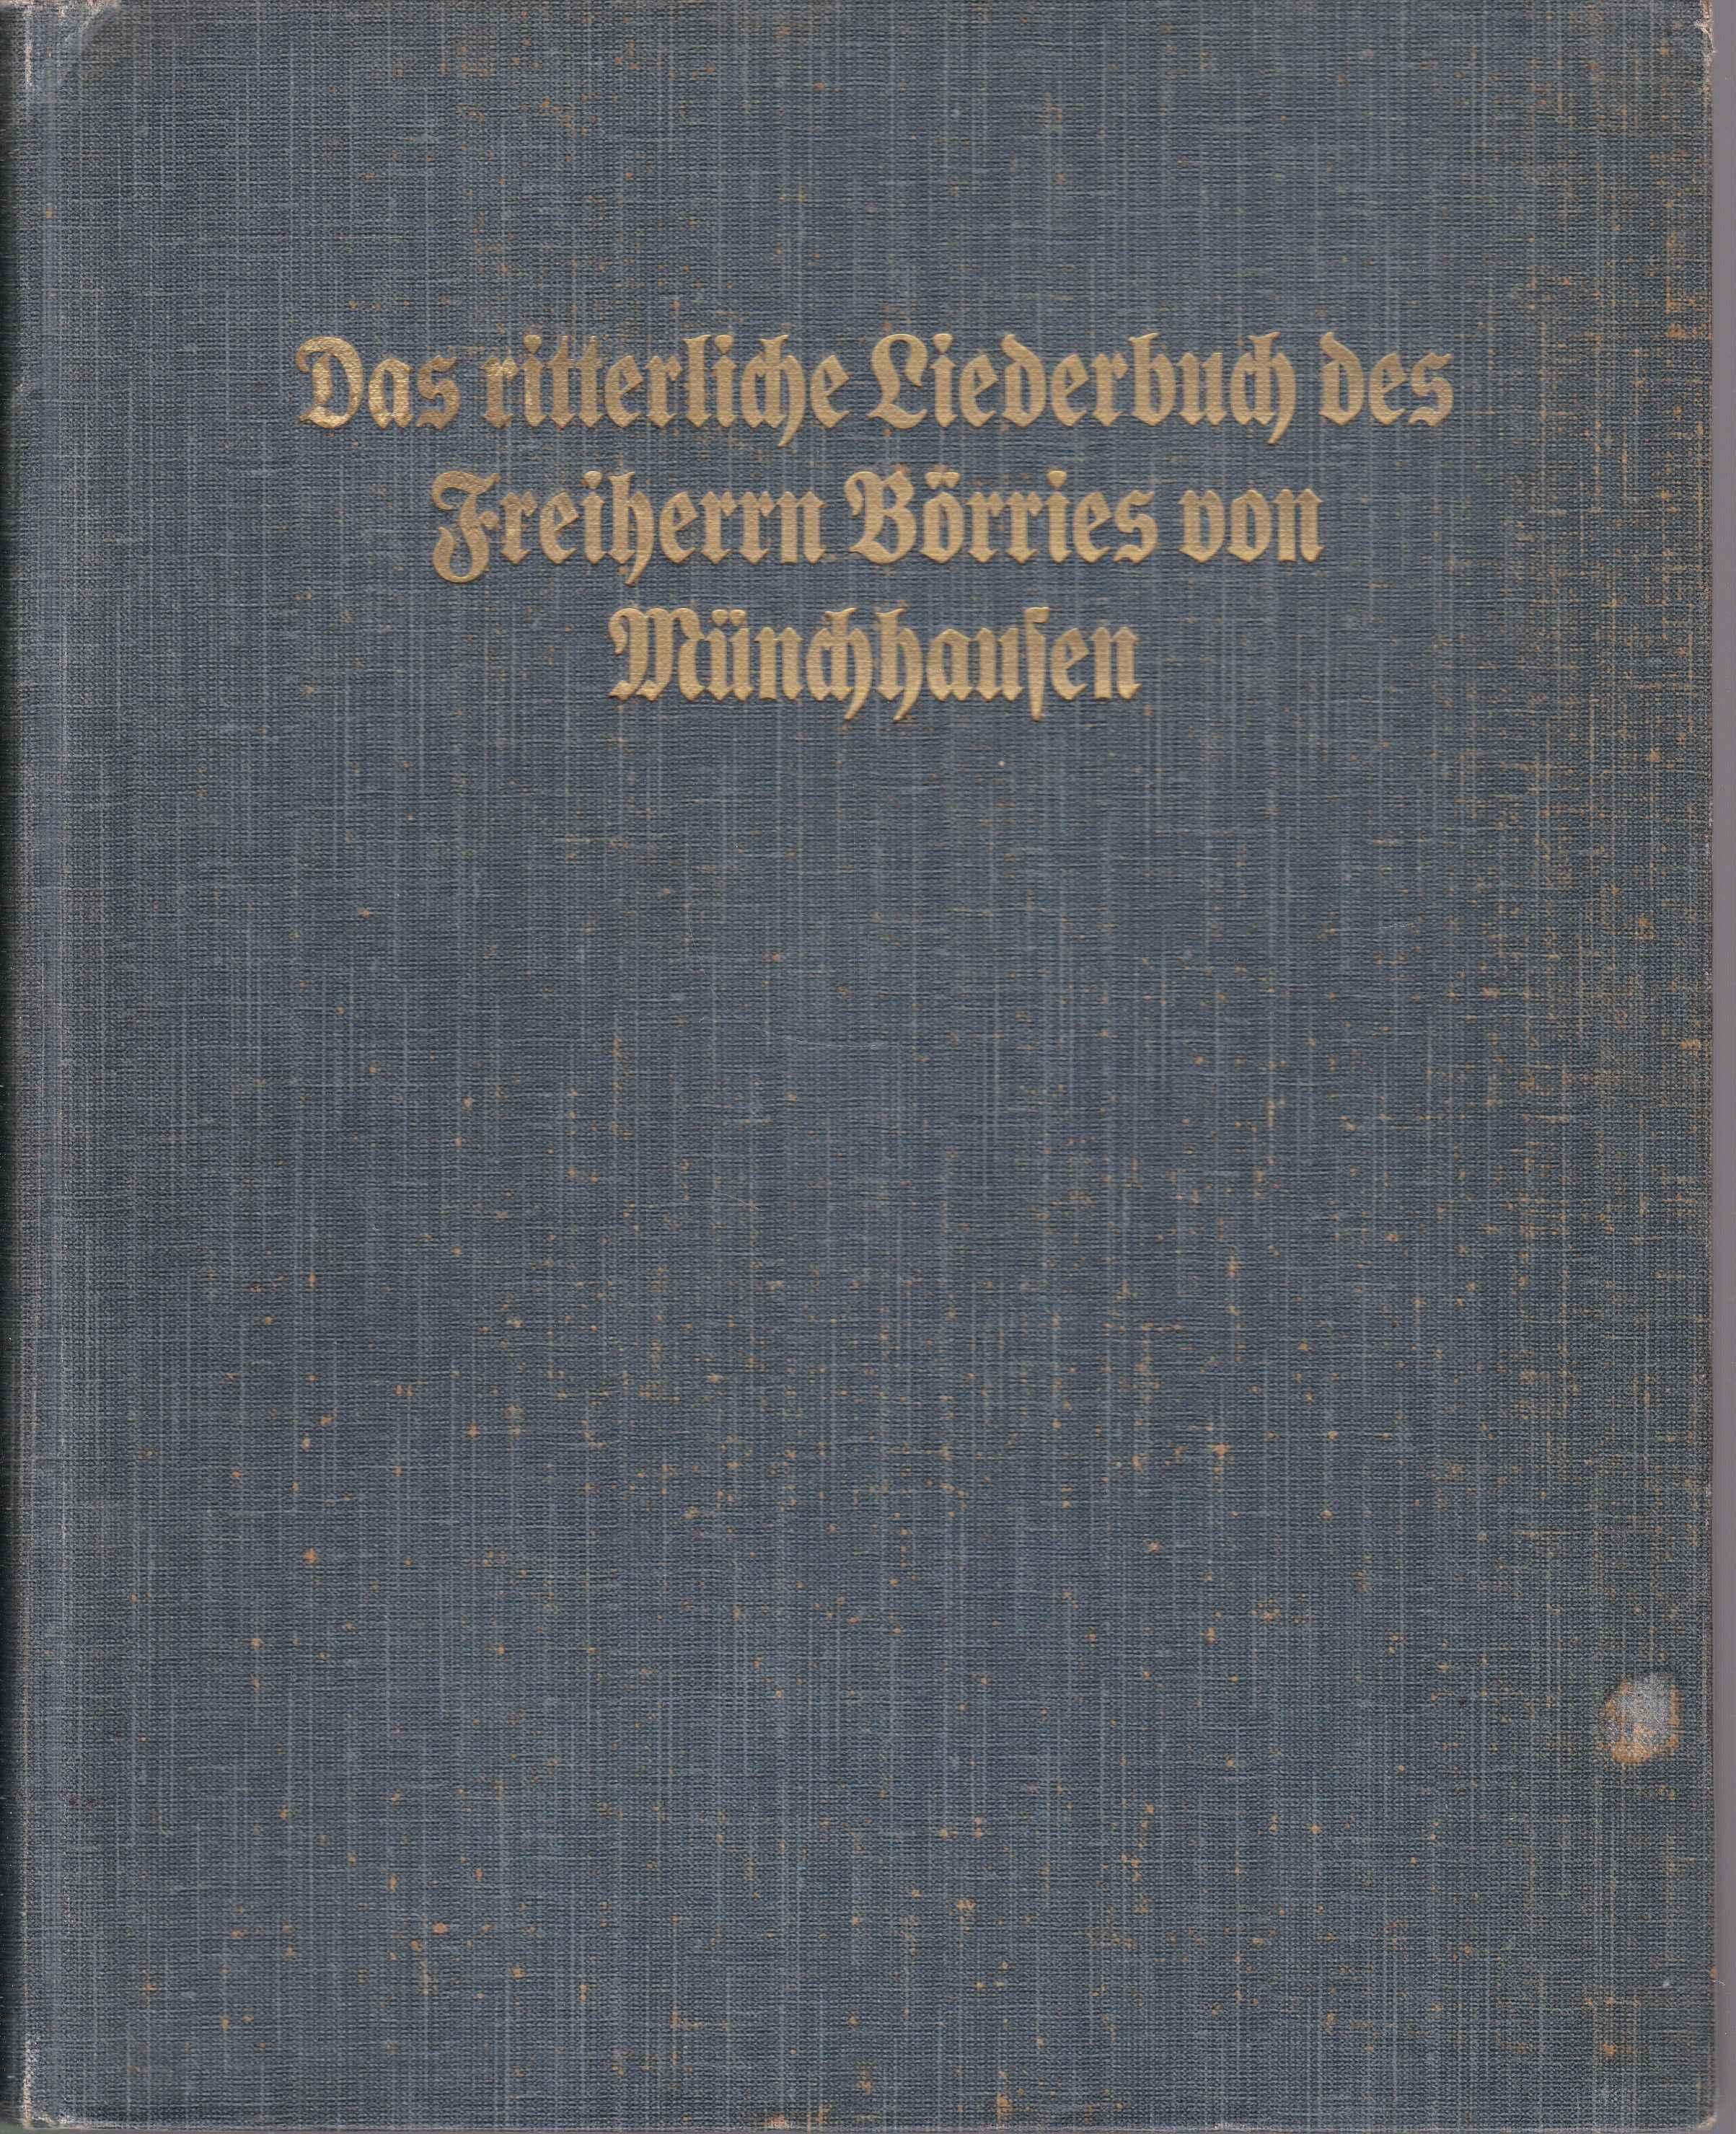 Das ritterliche Liederbuch des Freiherrn Börries von: Börries, Freiherr von